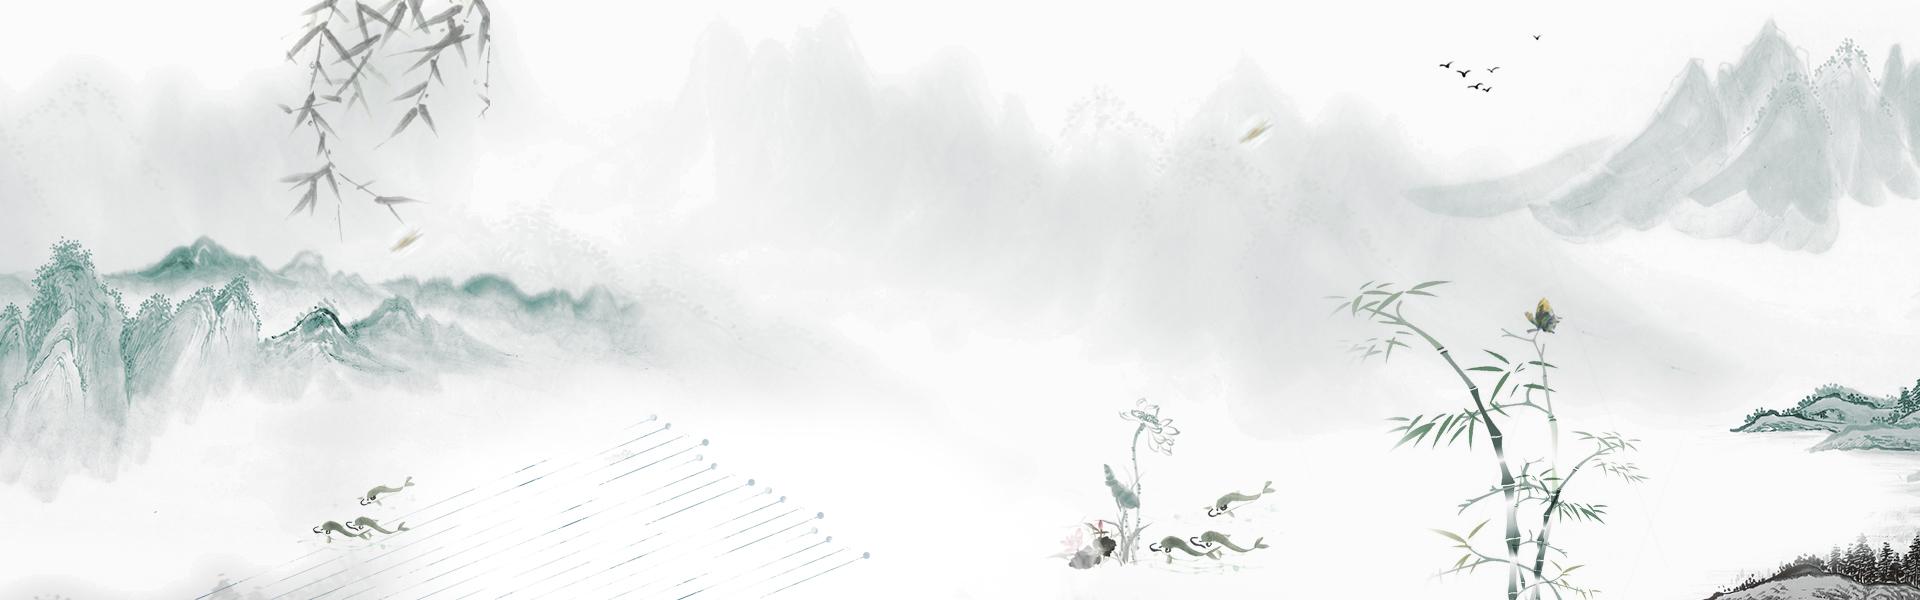 浅色国画背景素材